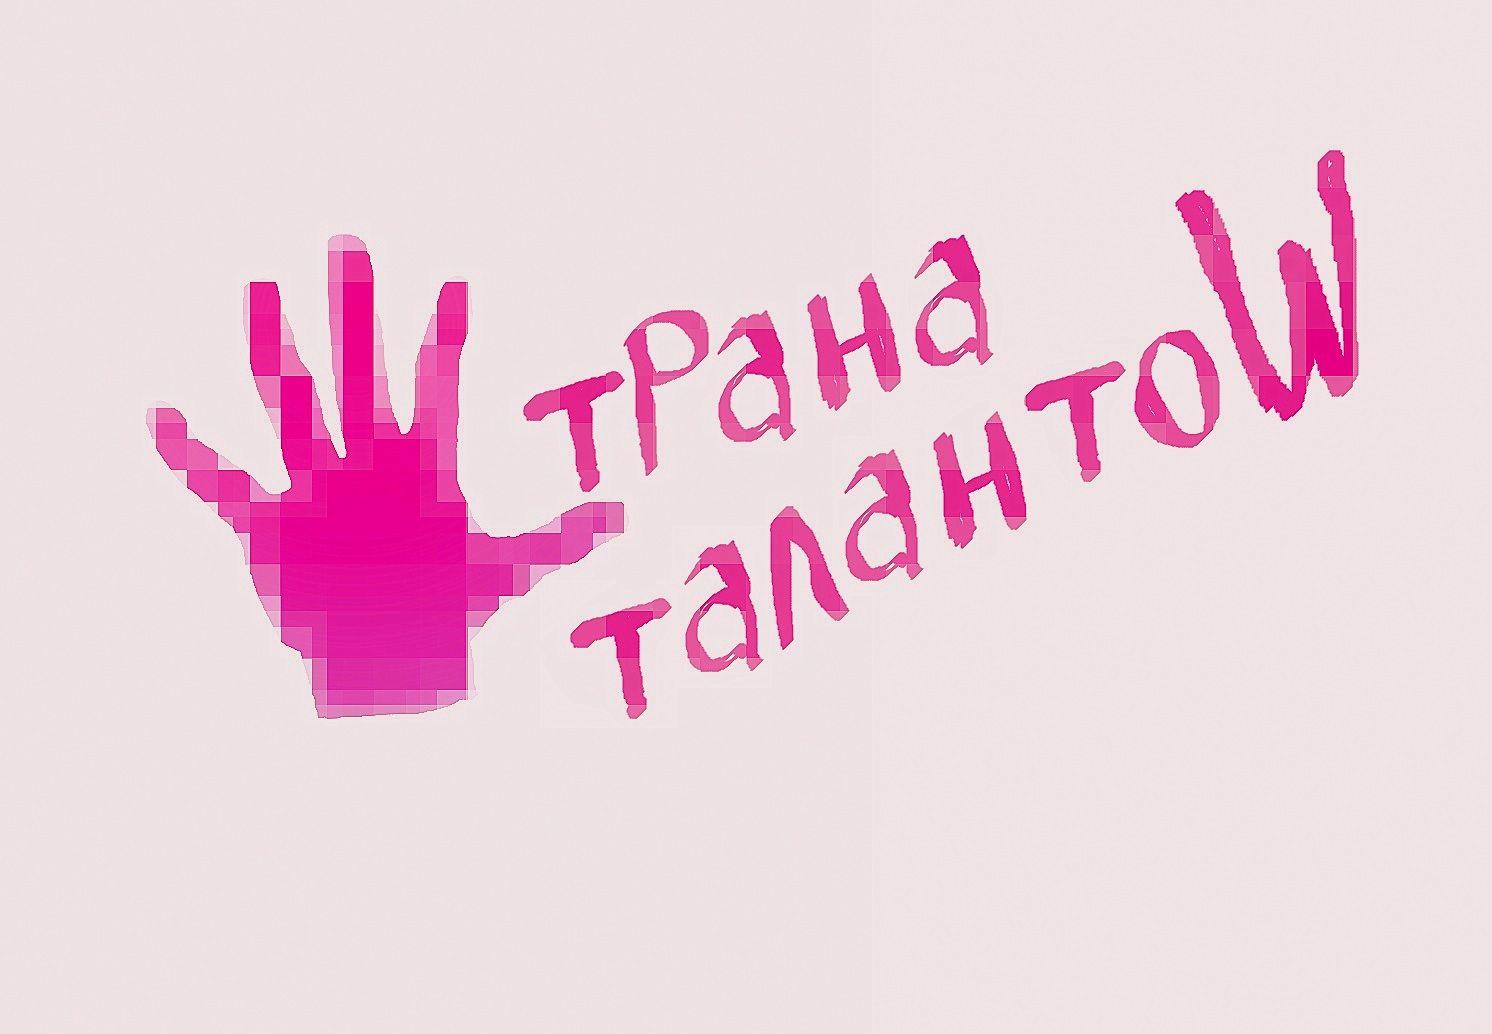 Страна Талантов - дизайнер Franz